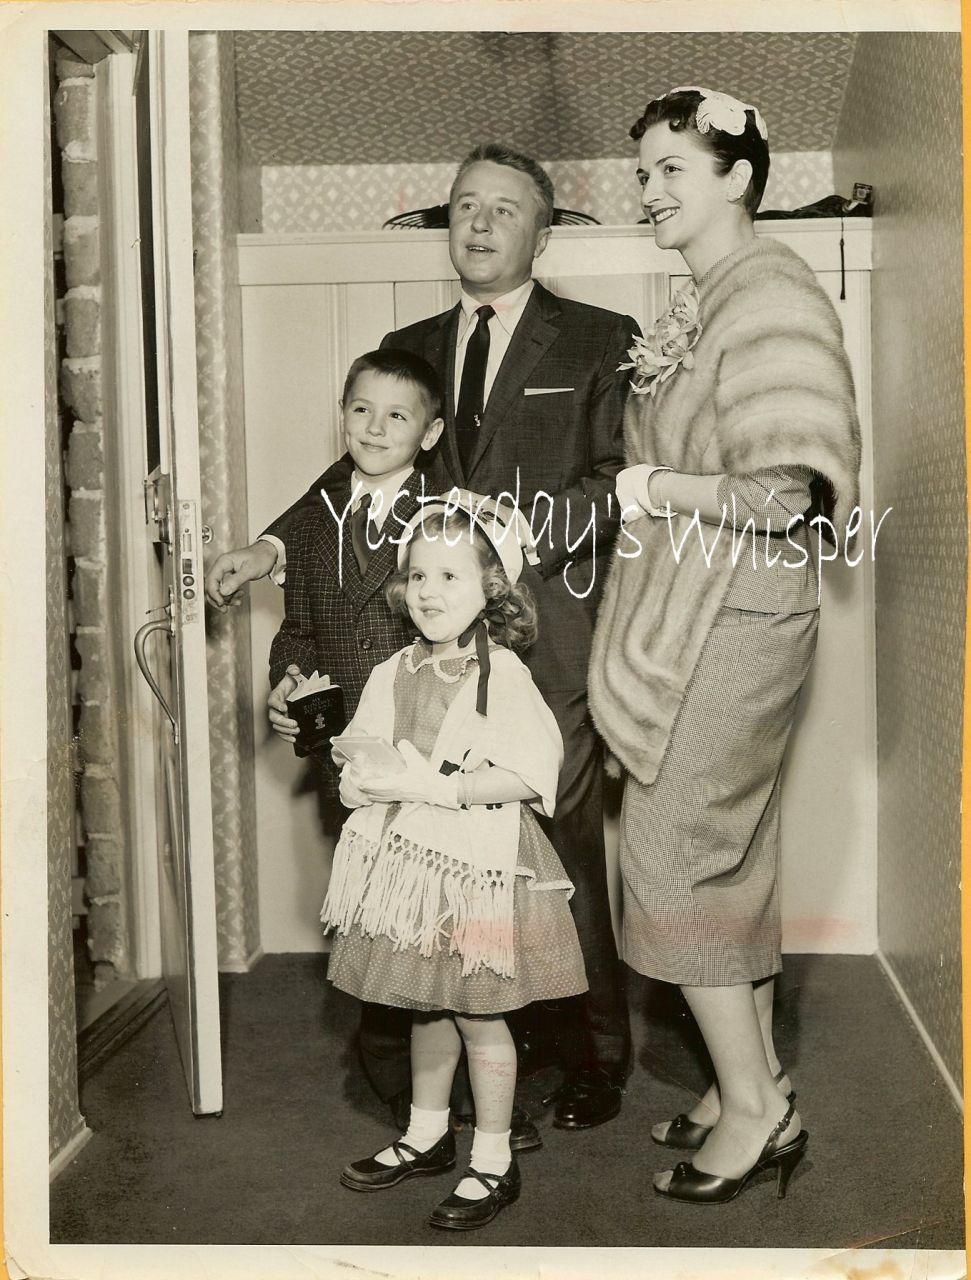 George Gobel Family Press Photo 1960s Retro Fashion